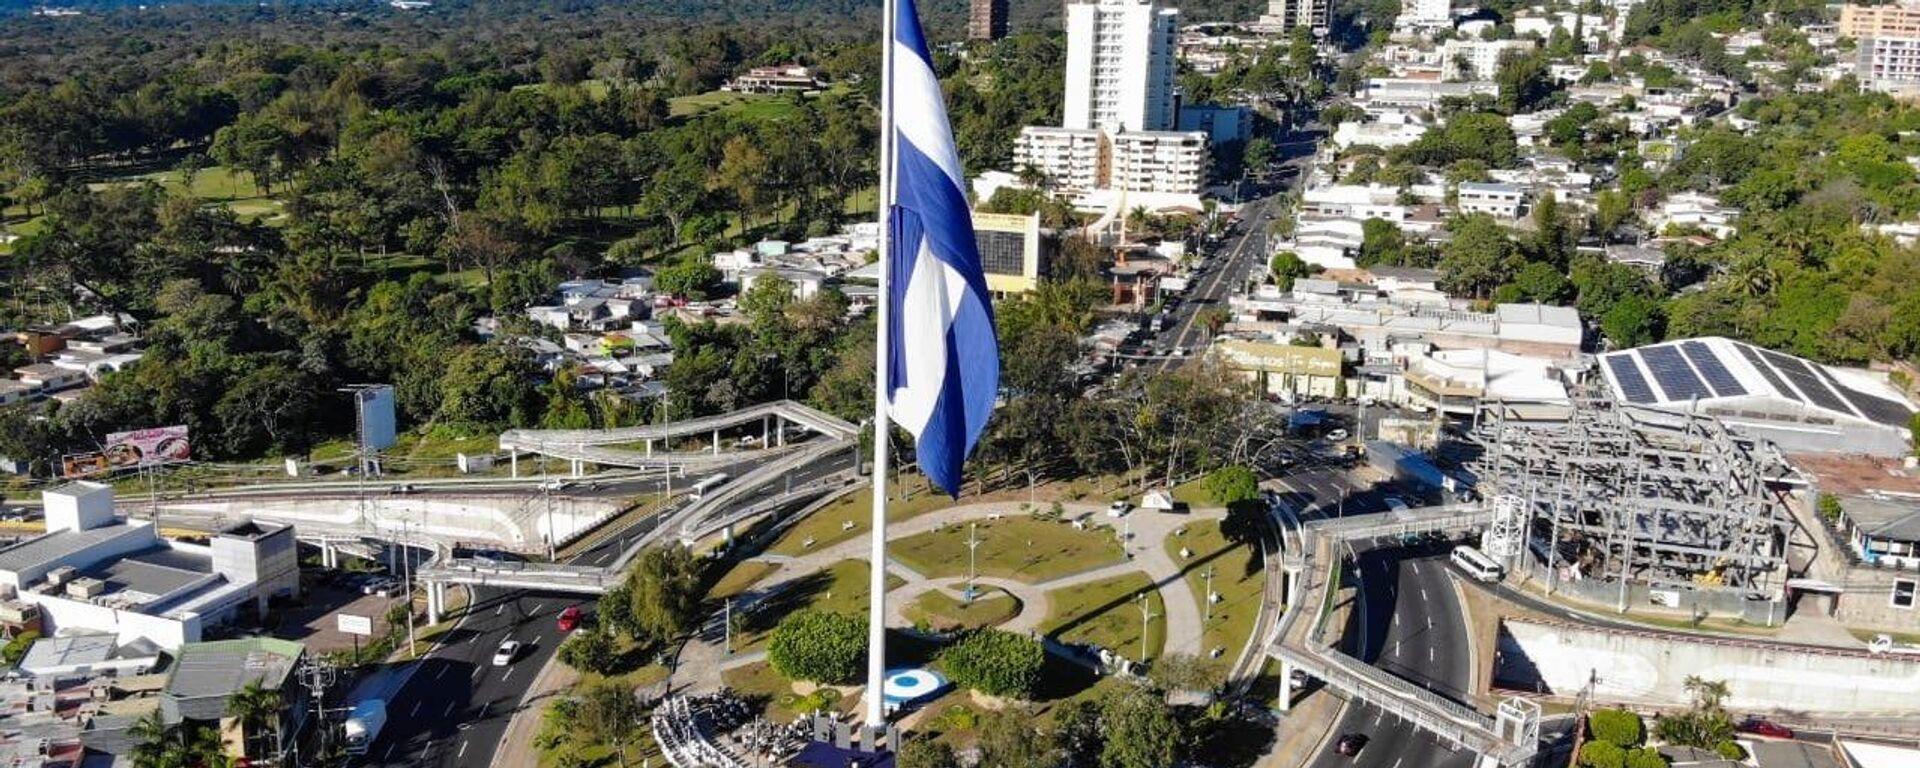 Bandera de El Salvador - Sputnik Mundo, 1920, 22.03.2021